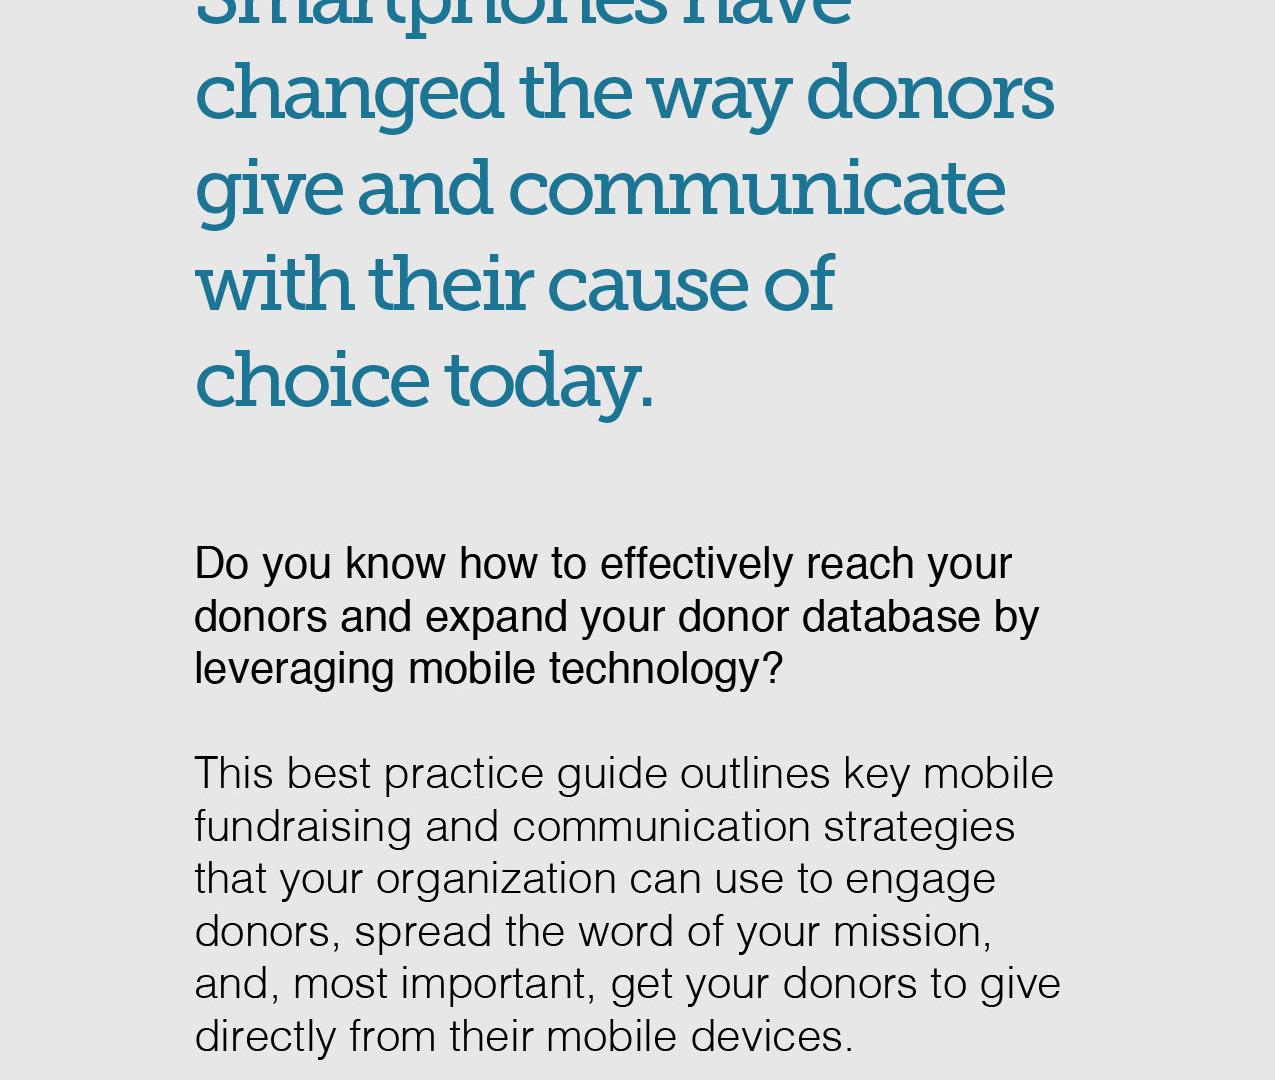 Mobile_Fundraising_Guide-2.jpg